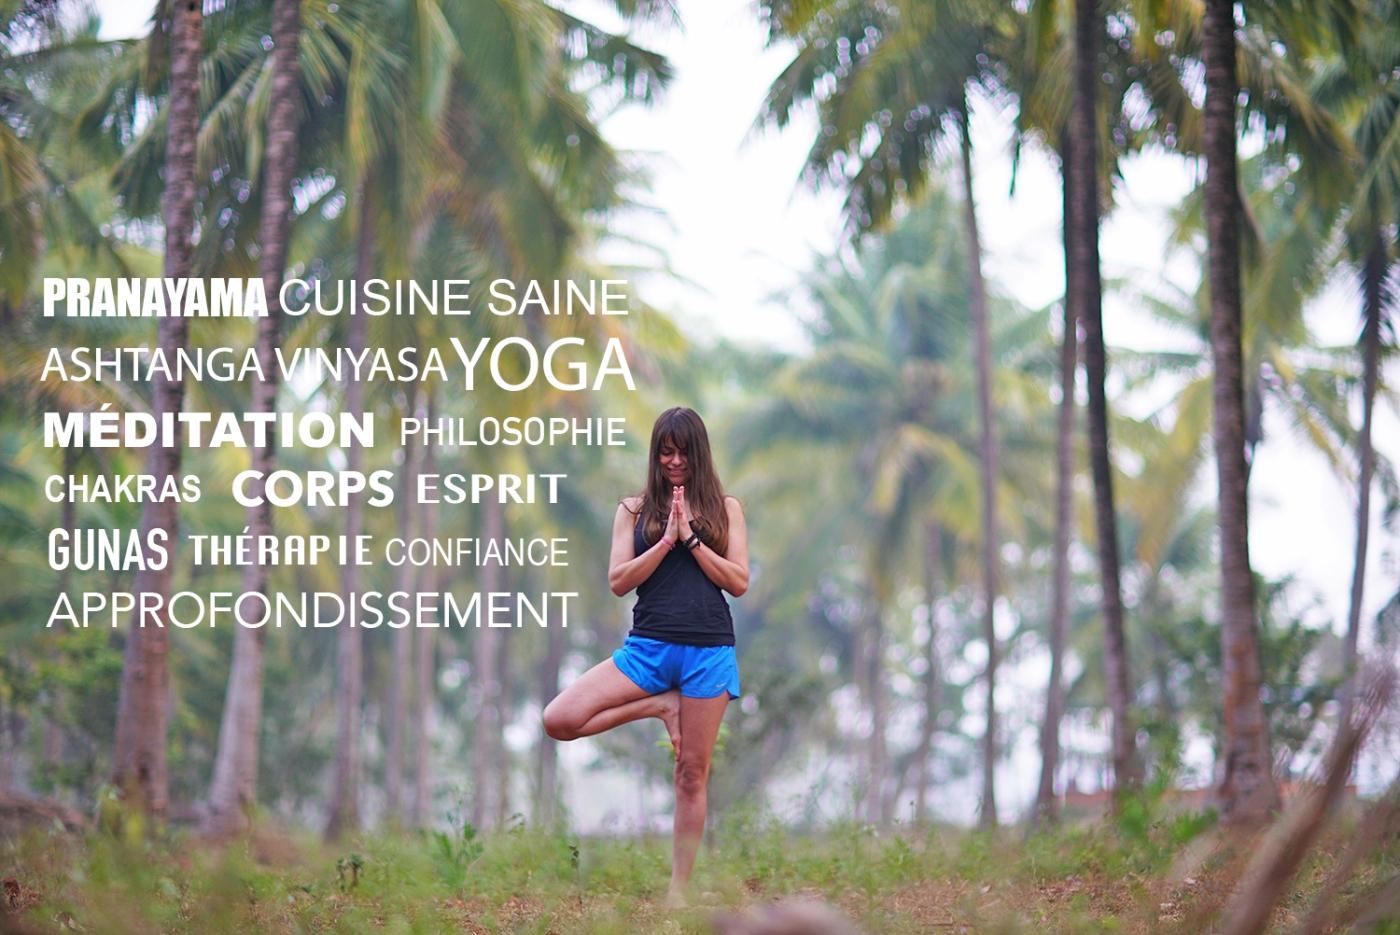 claudia clement retraite ashtanga yoga weekend